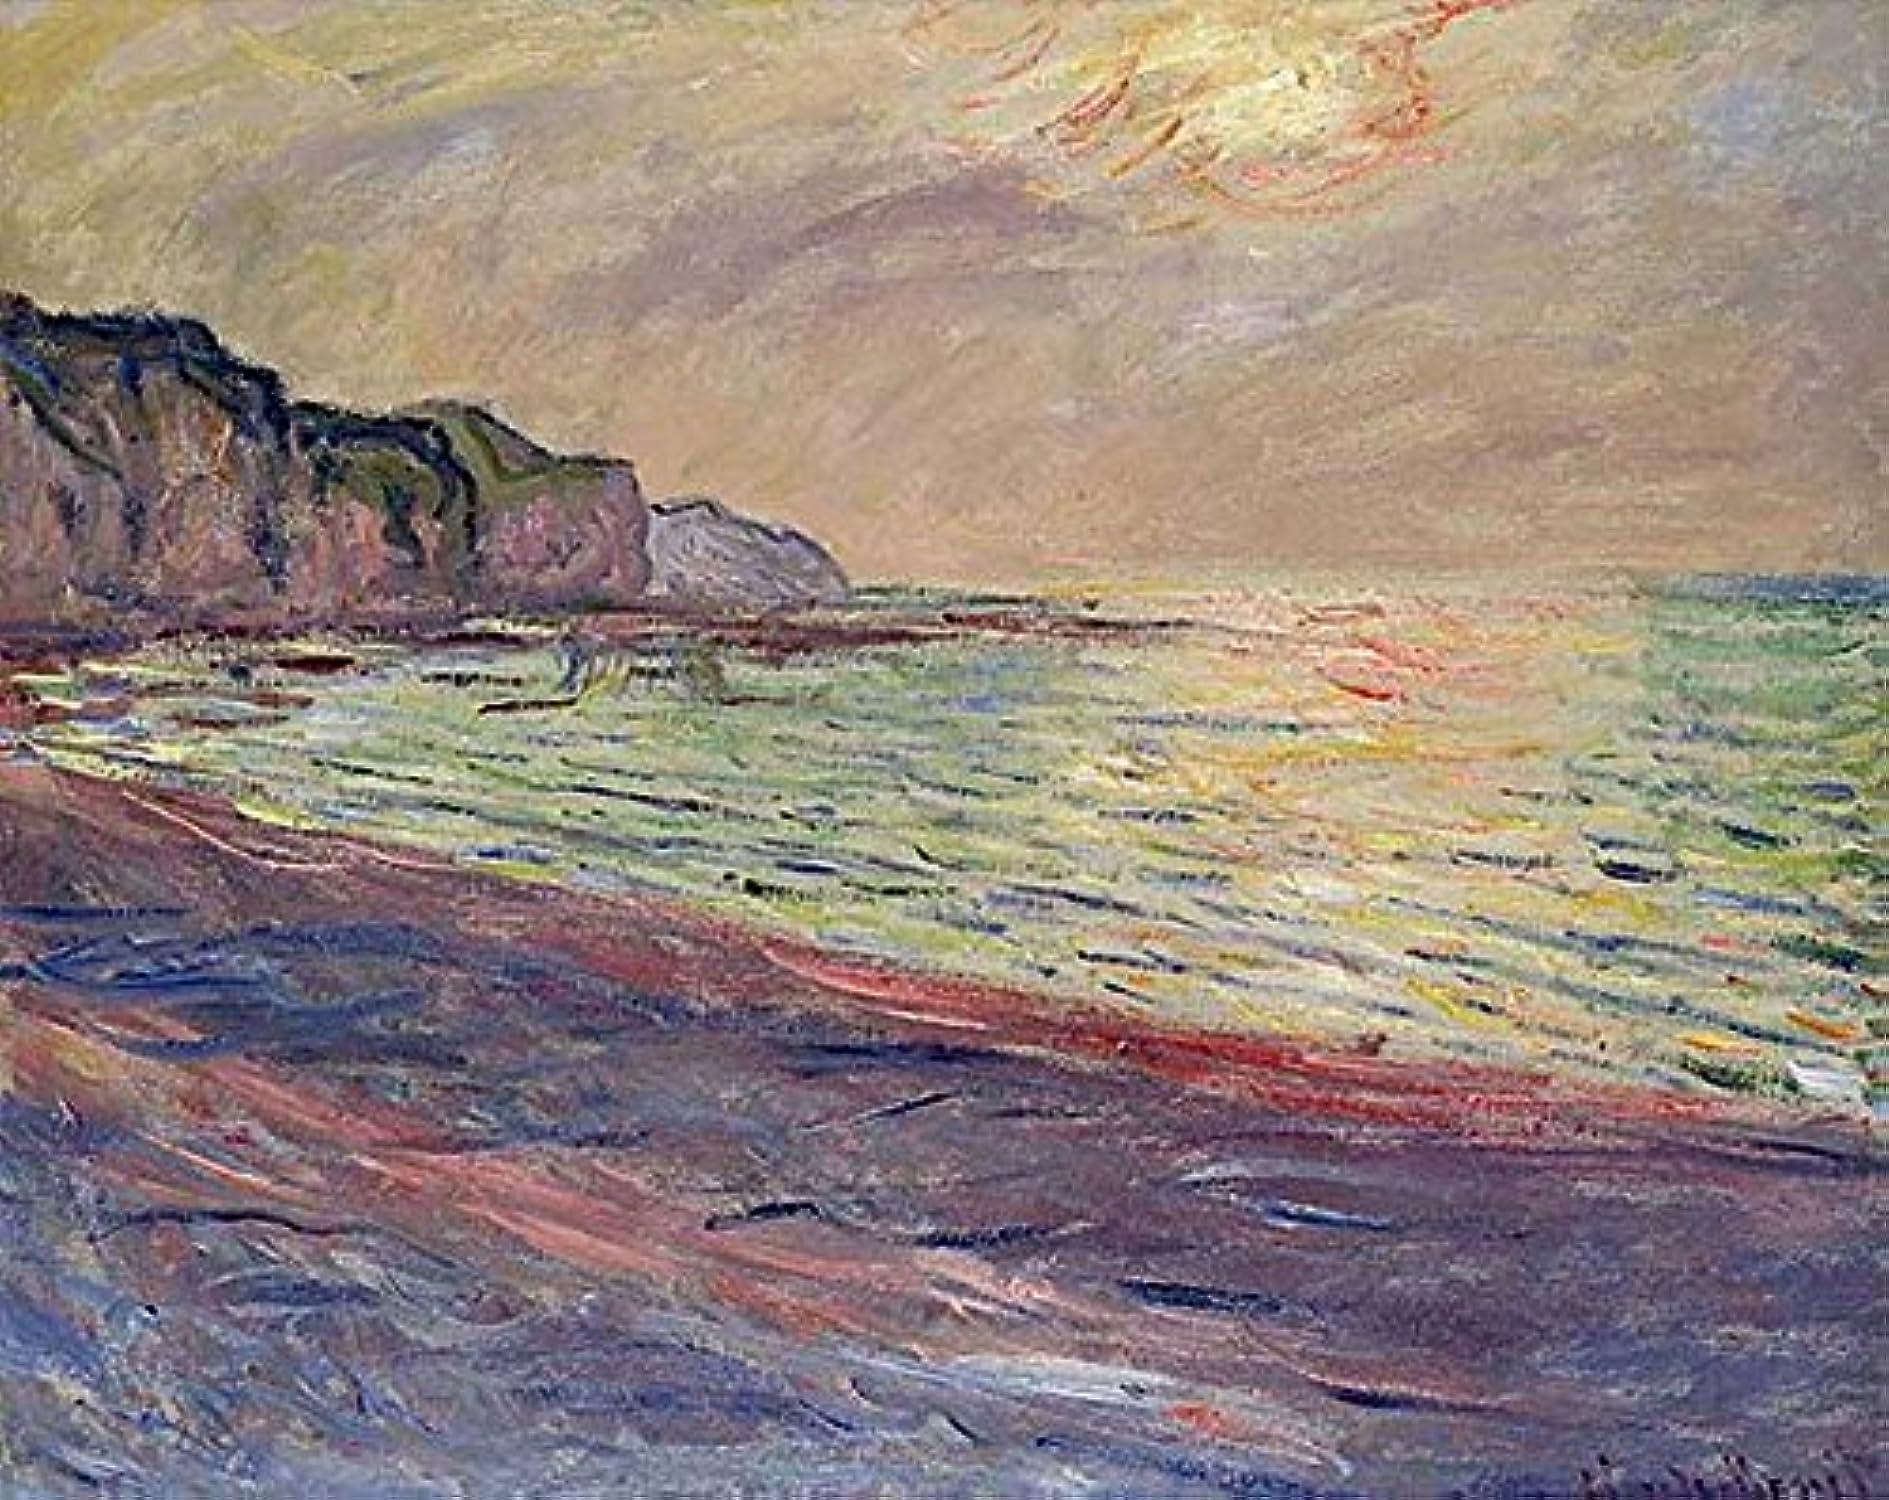 venta con descuento Kunst für Alle Impresión Impresión Impresión artística Póster  Claude Monet La Plage a Pourville Soleil couchant - - Impresión, Foto, póster artístico, 80x65 cm  servicio de primera clase